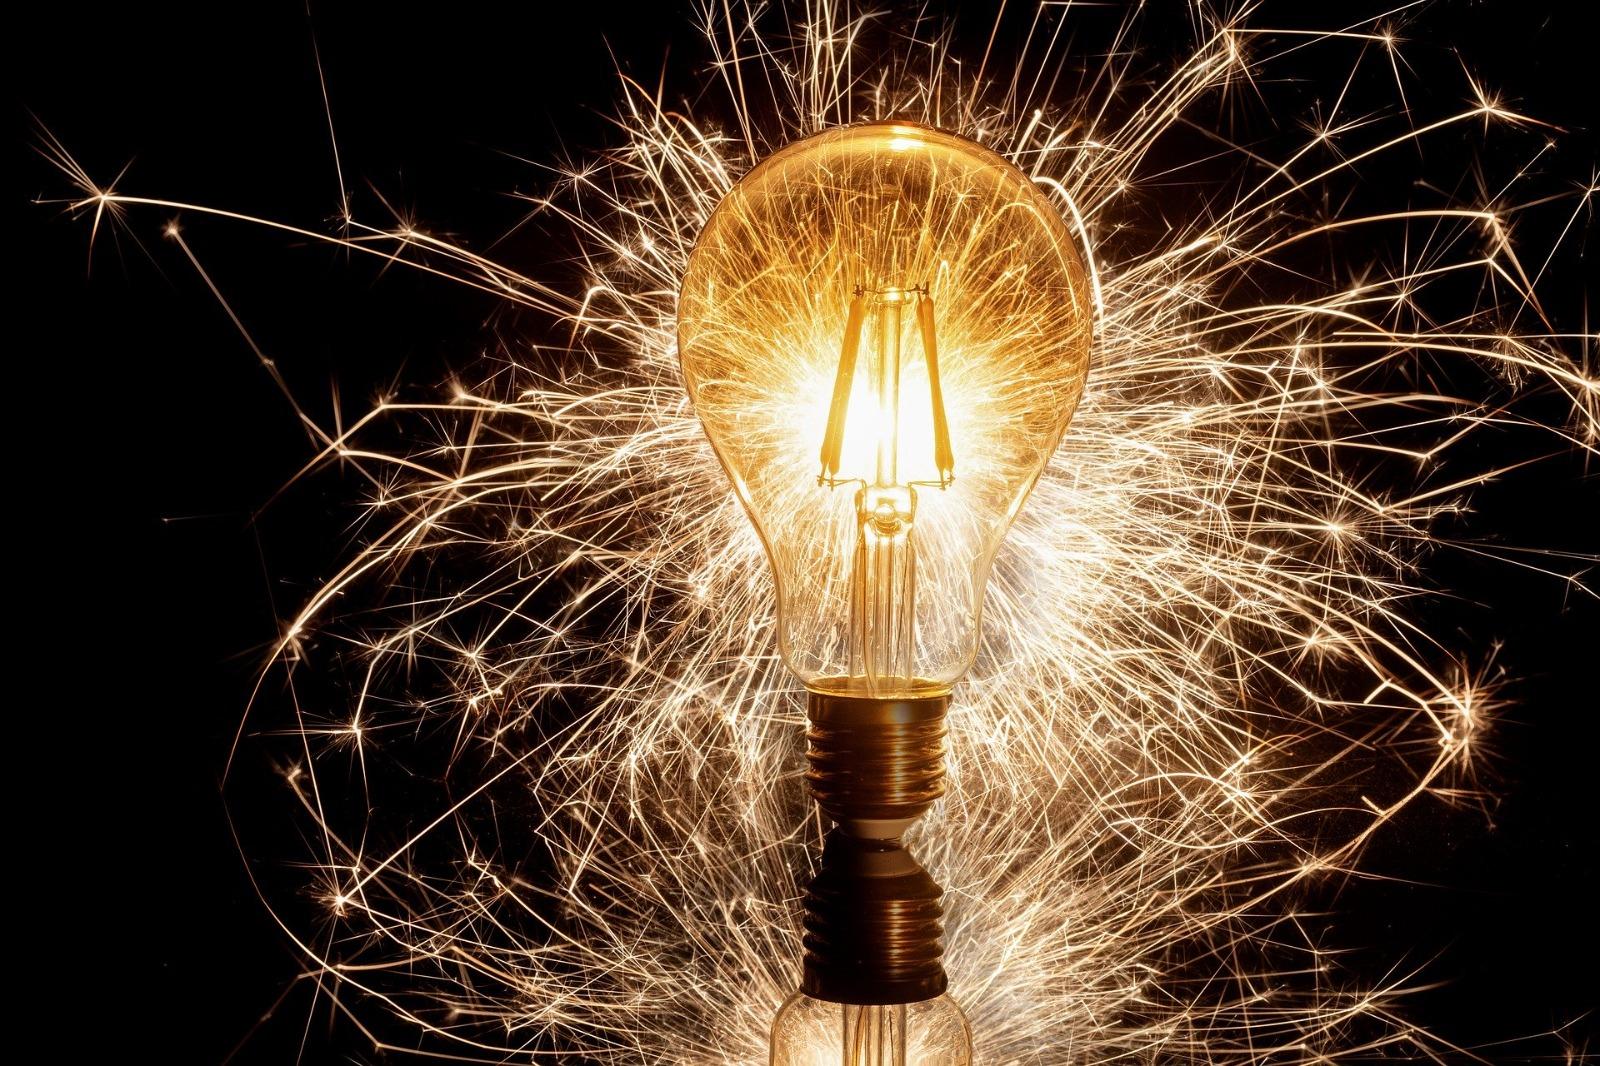 Damos forma a las ideas